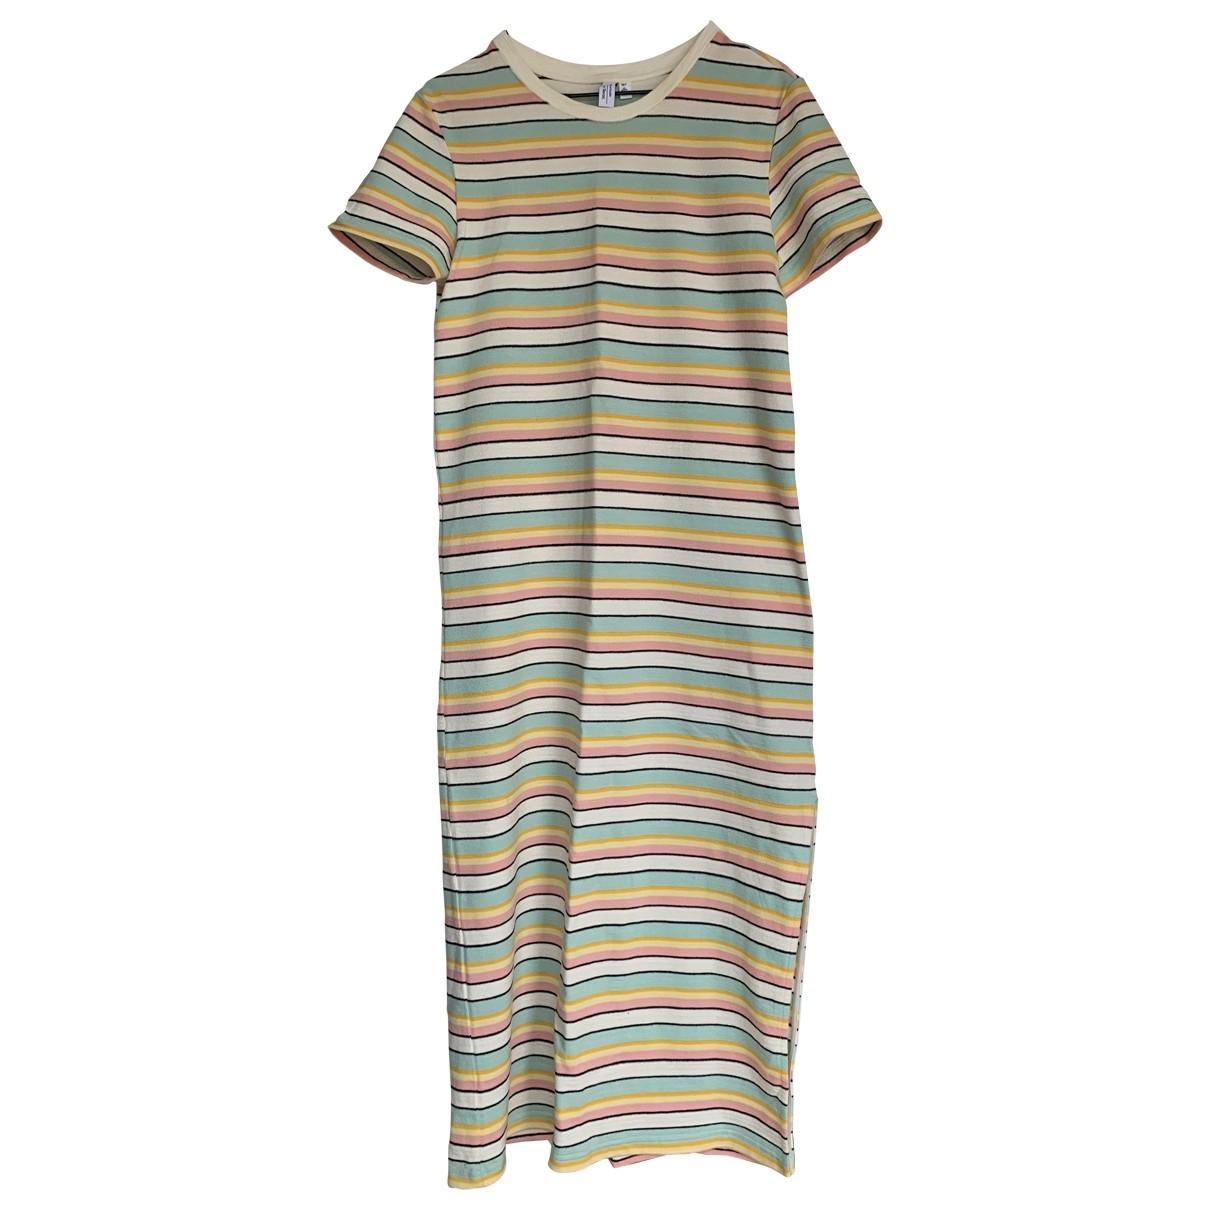 & Stories \N Multicolour Cotton dress for Women 34 FR